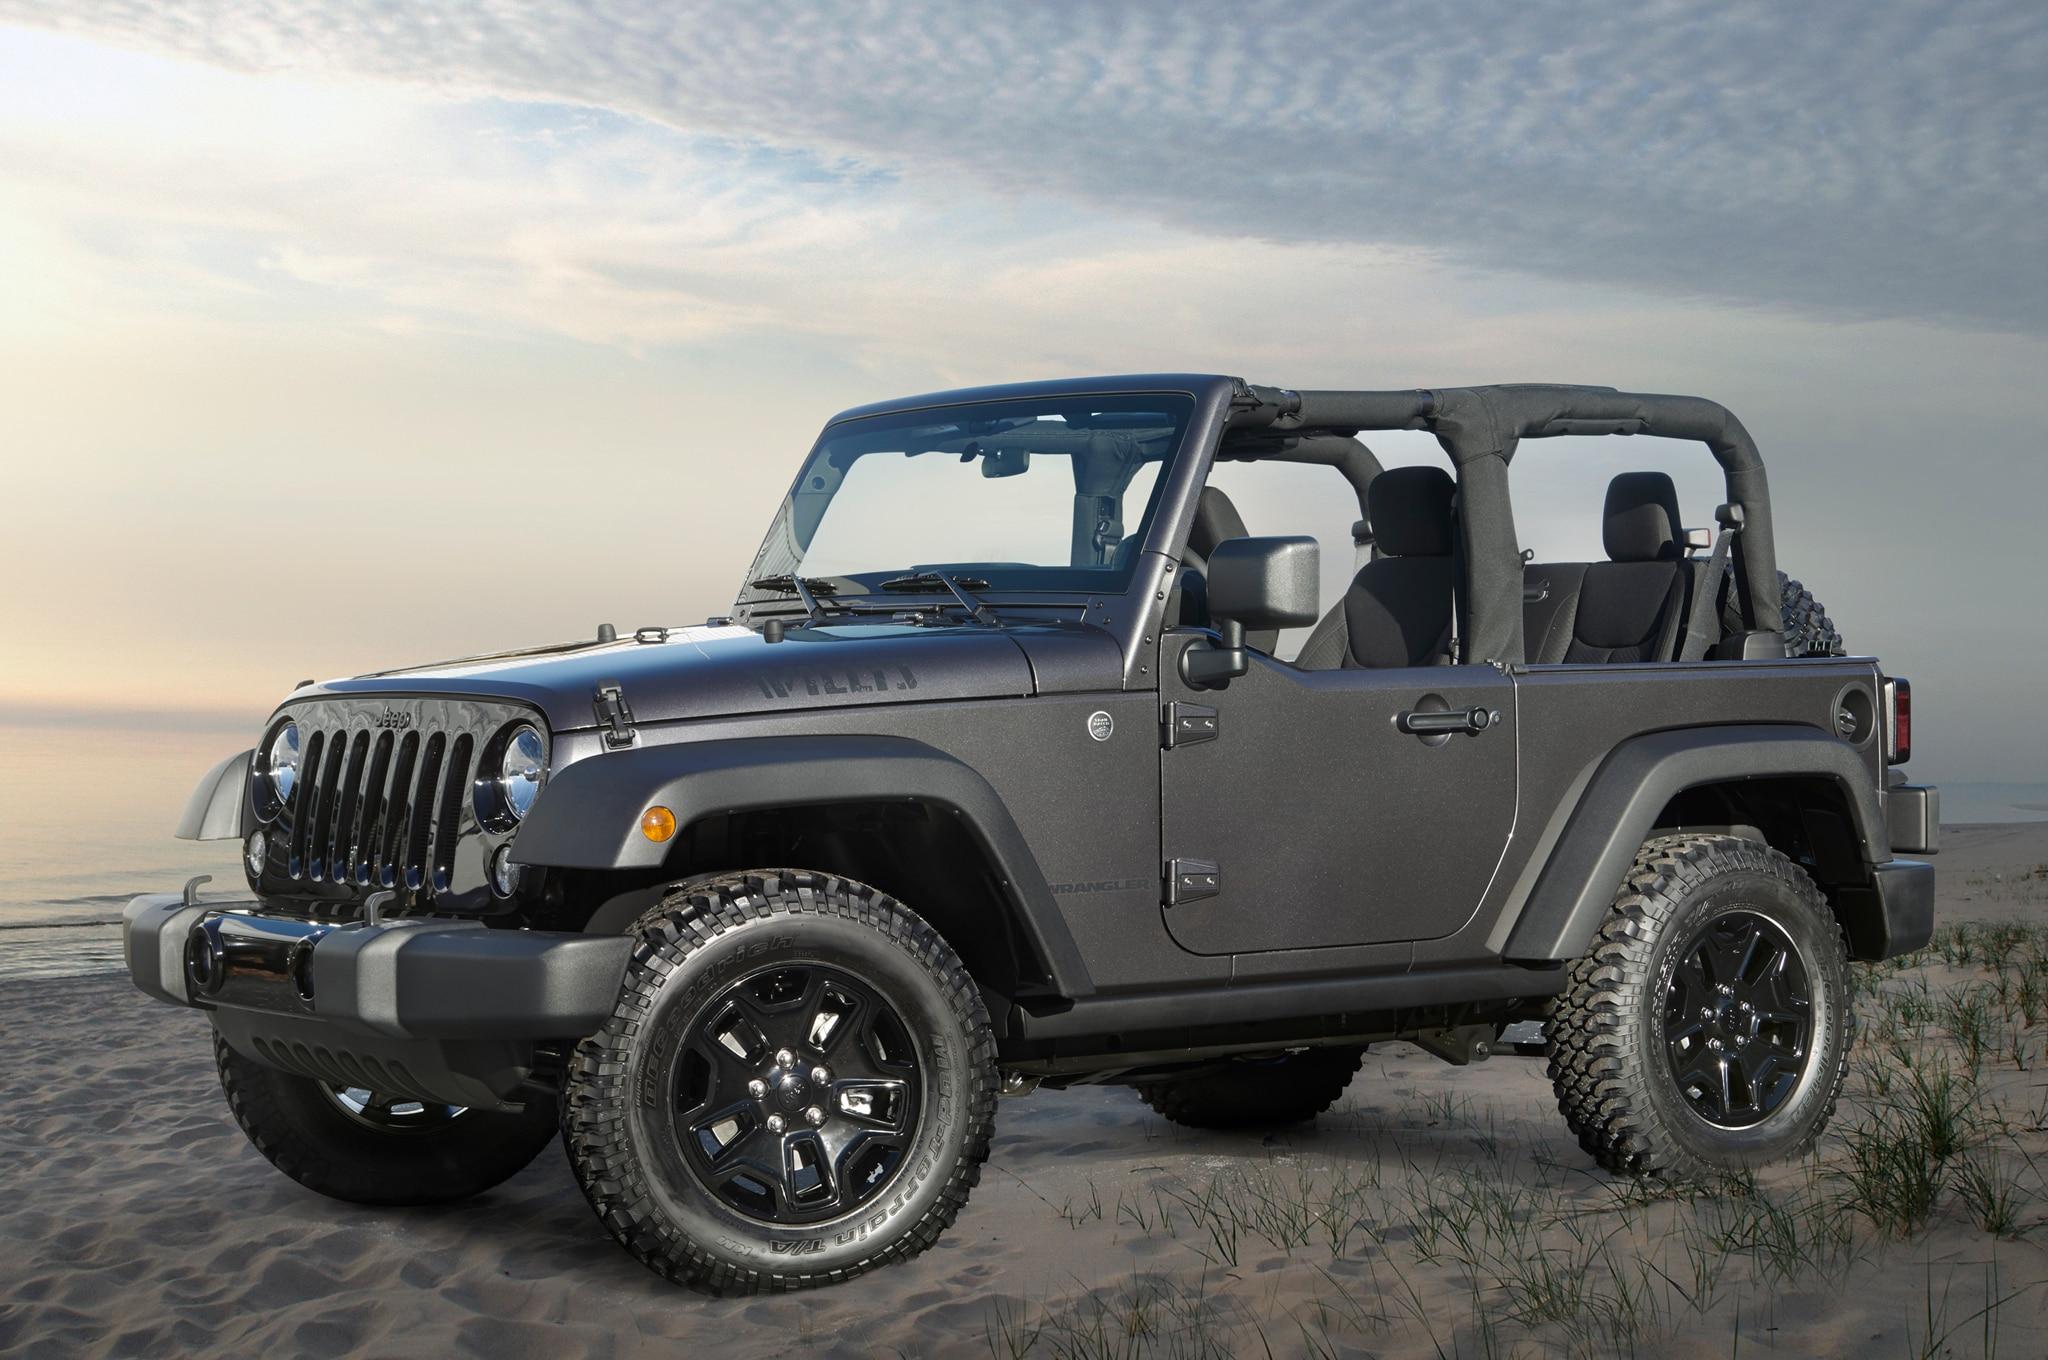 2017 jeep wrangler concept design 2017 - 2014 Jeep Wrangler Willys Wheeler Edition